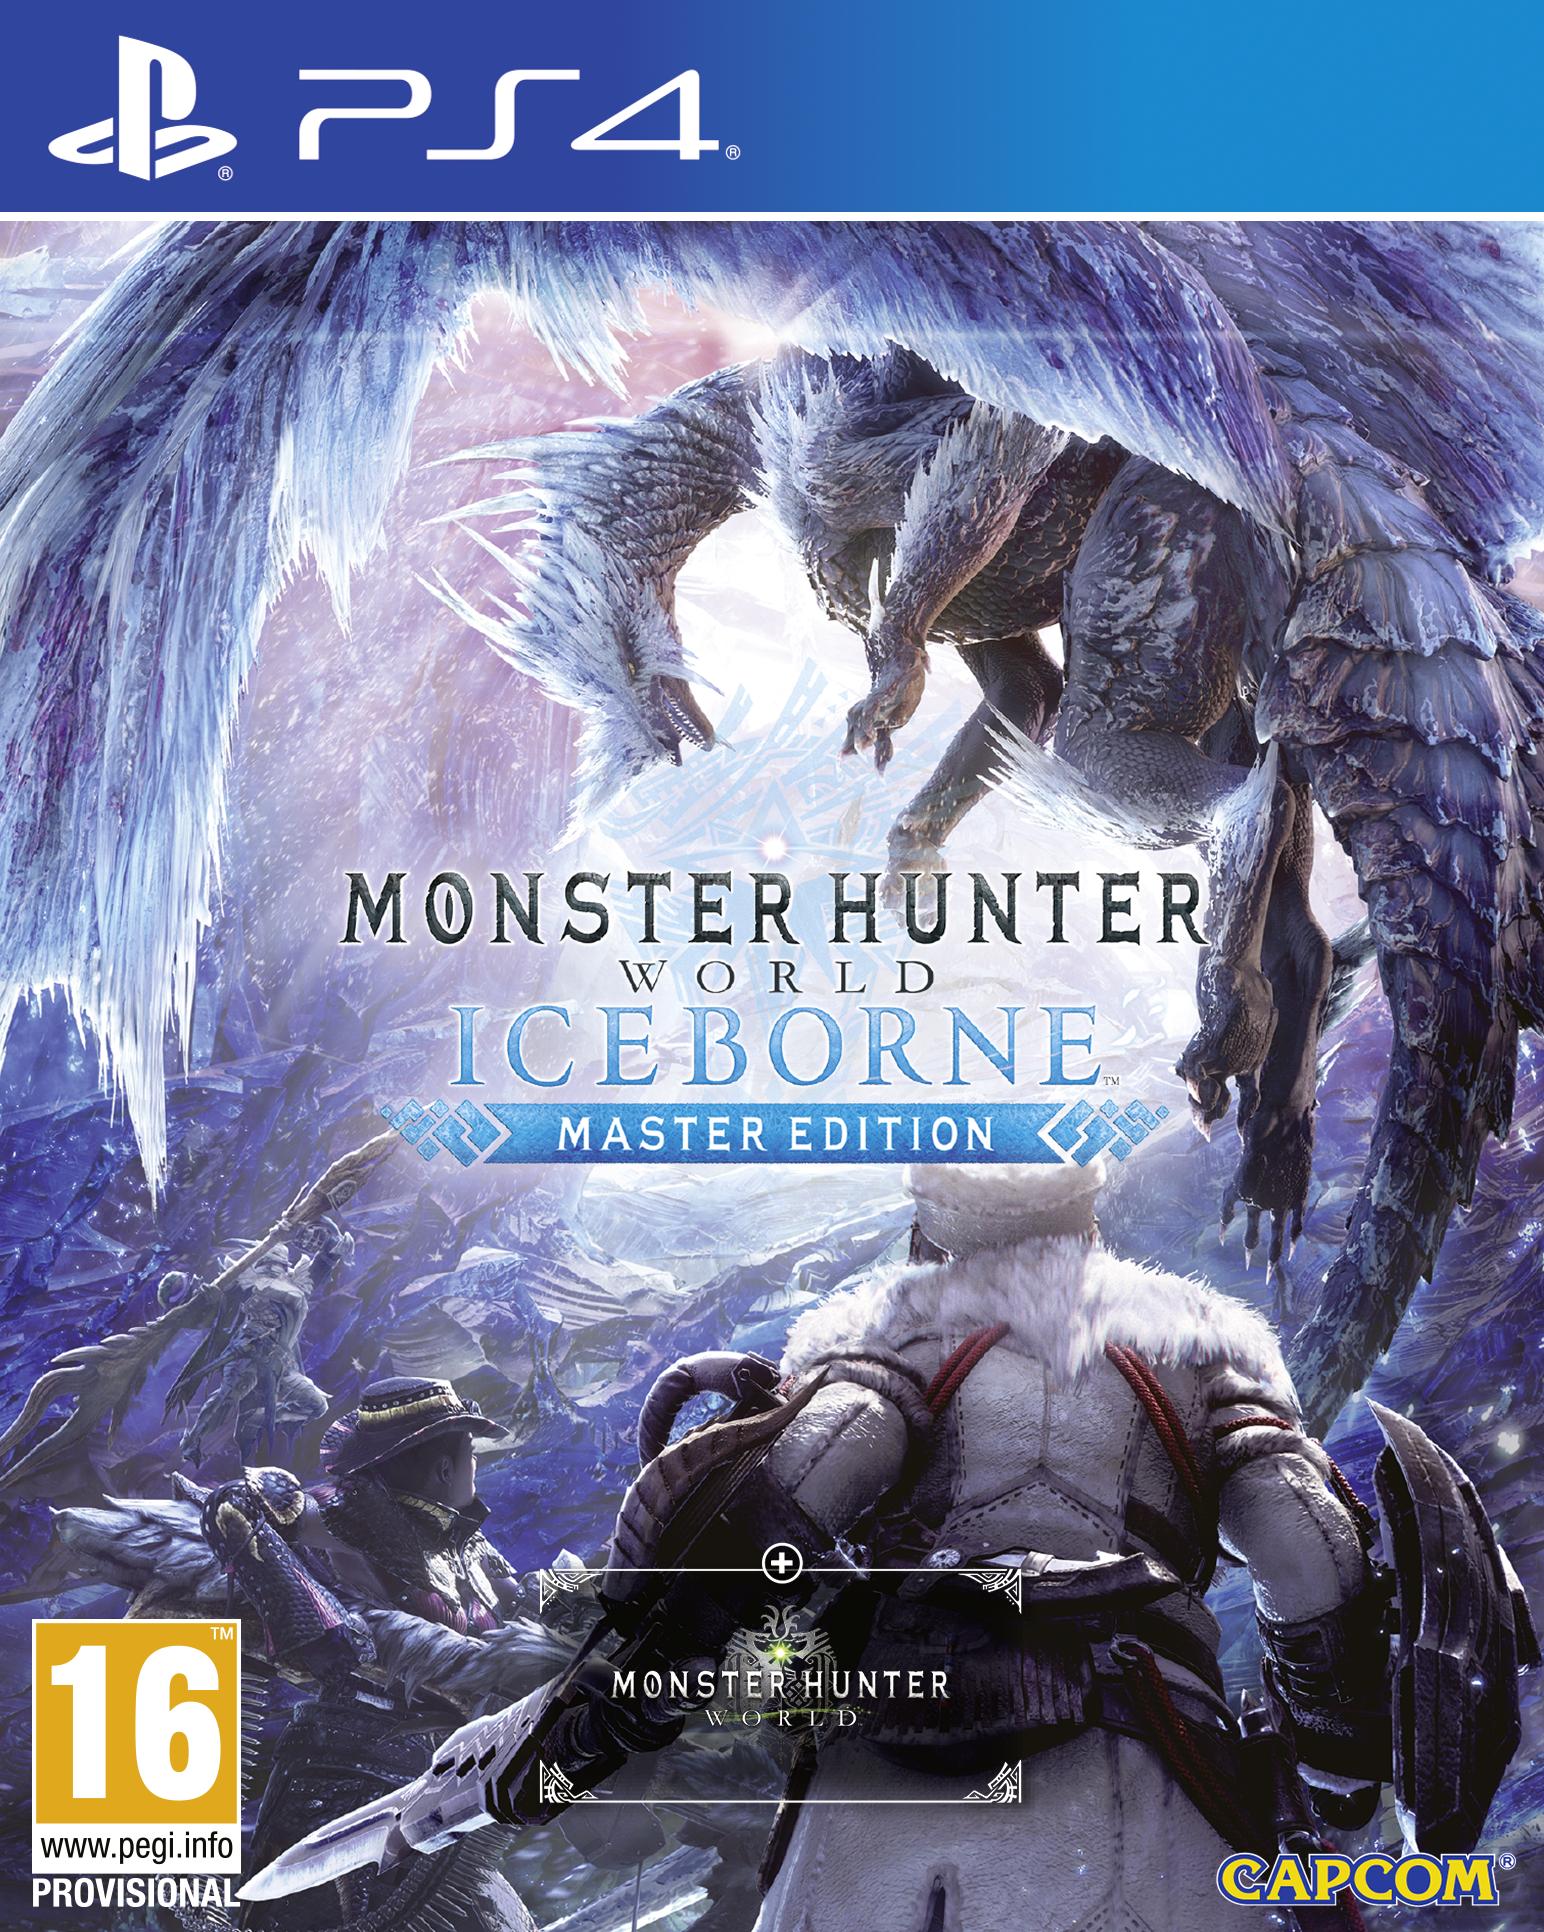 Monster Hunter World Iceborne Master Edition - PlayStation 4 Játékok